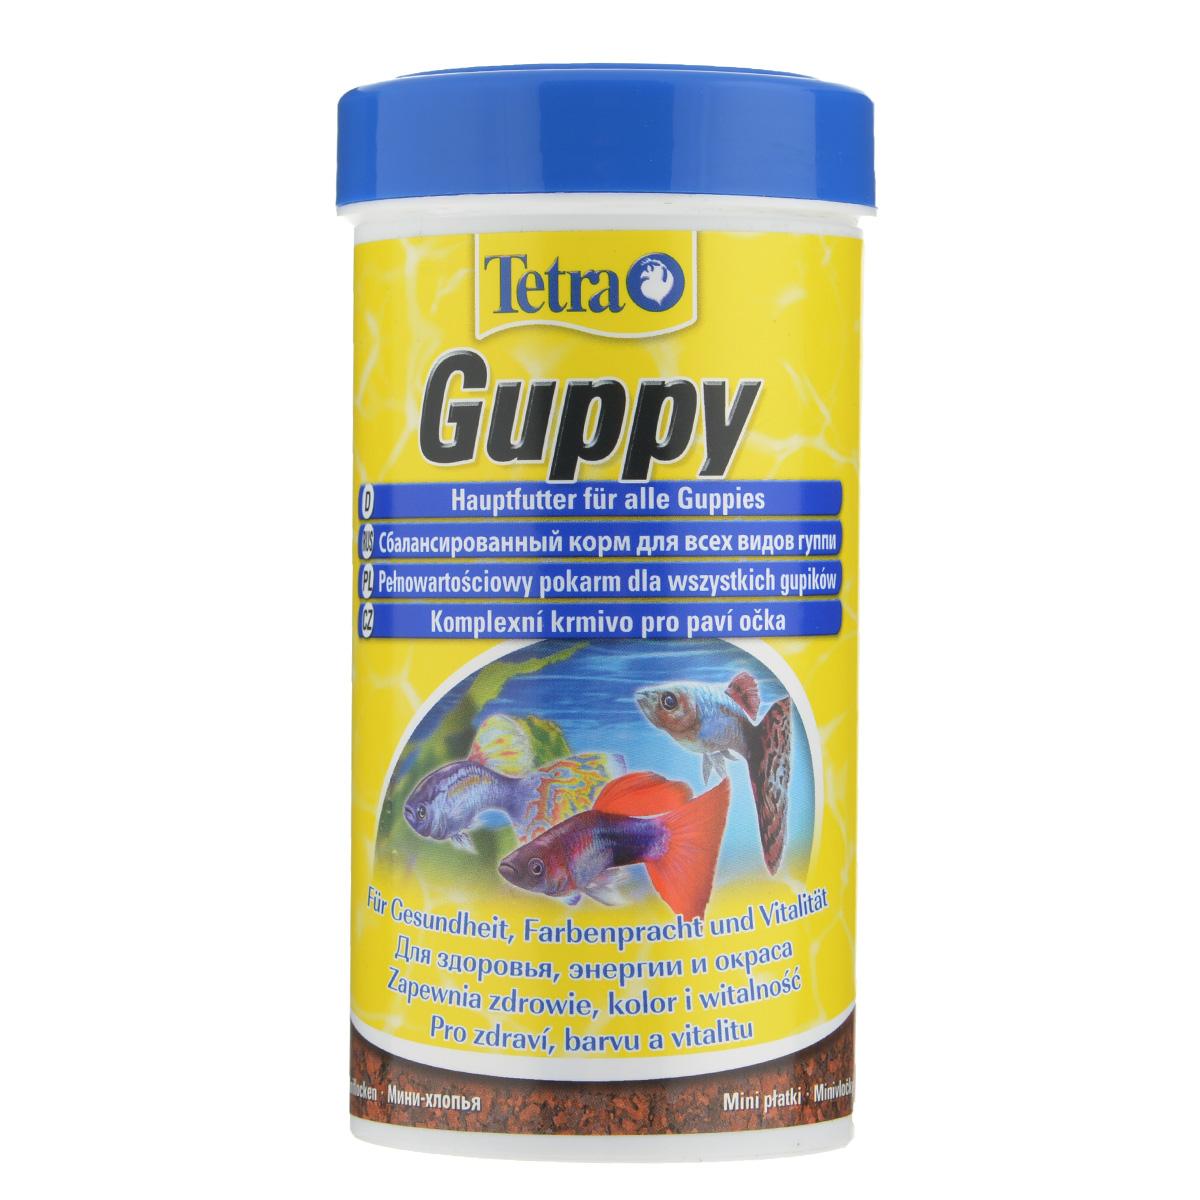 Корм Tetra Guppy для всех видов гуппи, в виде мини-хлопьев, 250 мл корм tetra marine xl flakes для любых морских рыб крупные хлопья 500 мл 80 г